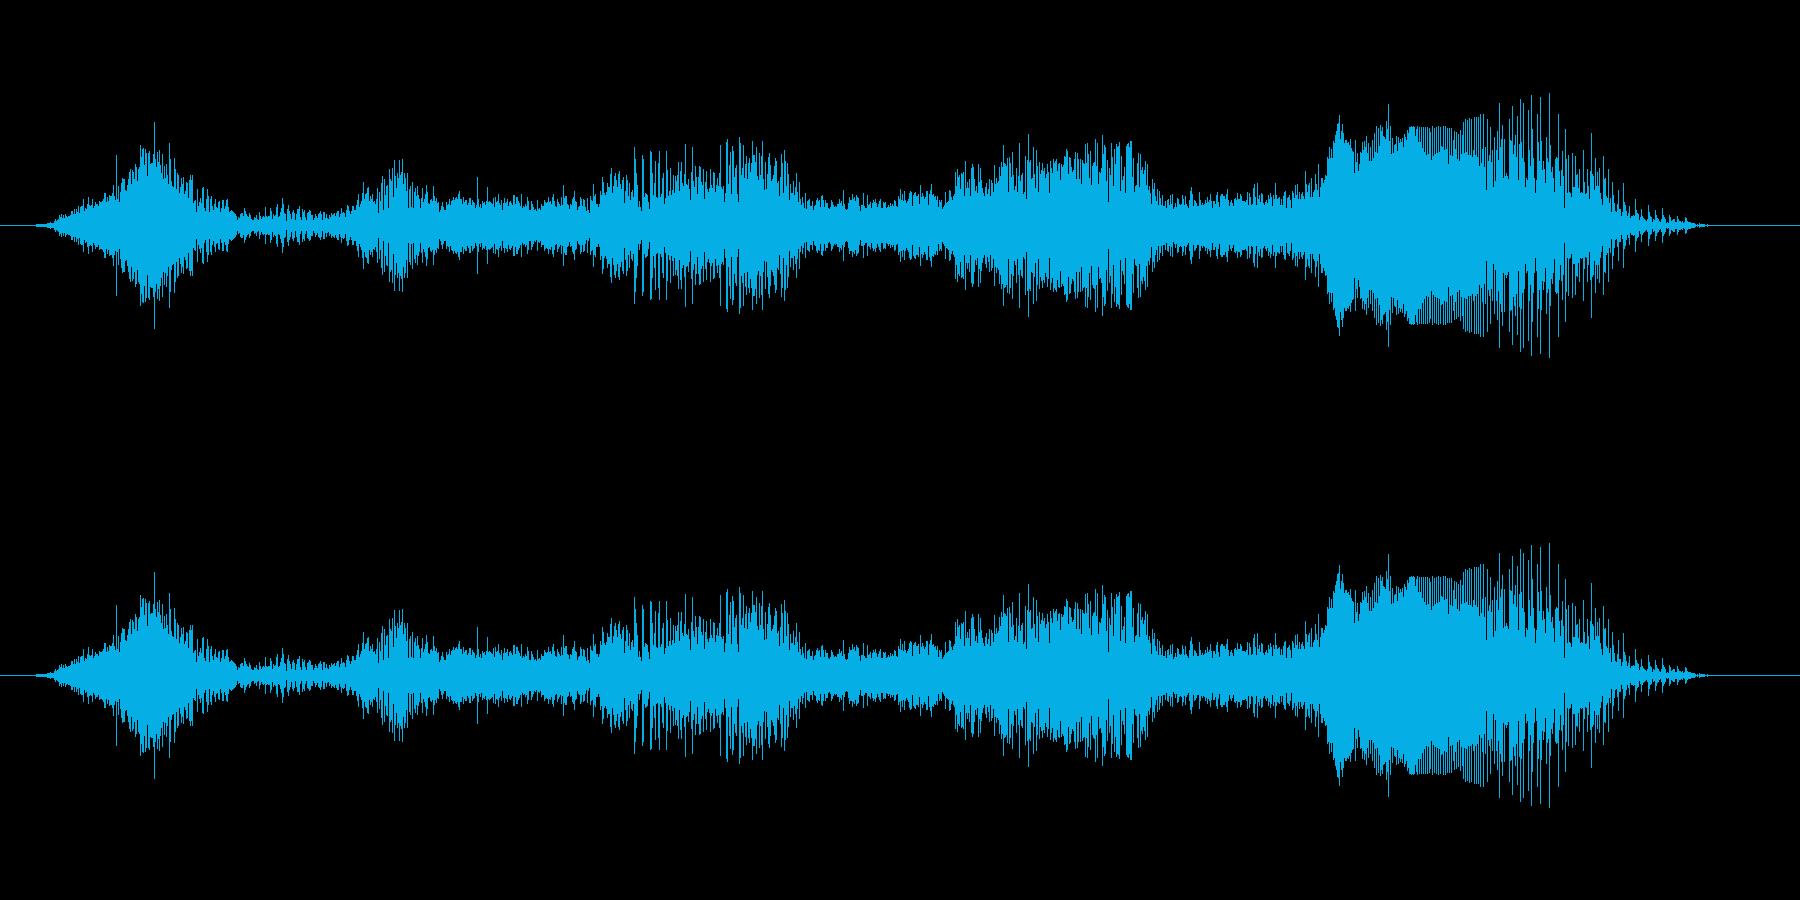 そいやっ そいや!!×2 男性和風掛声 の再生済みの波形